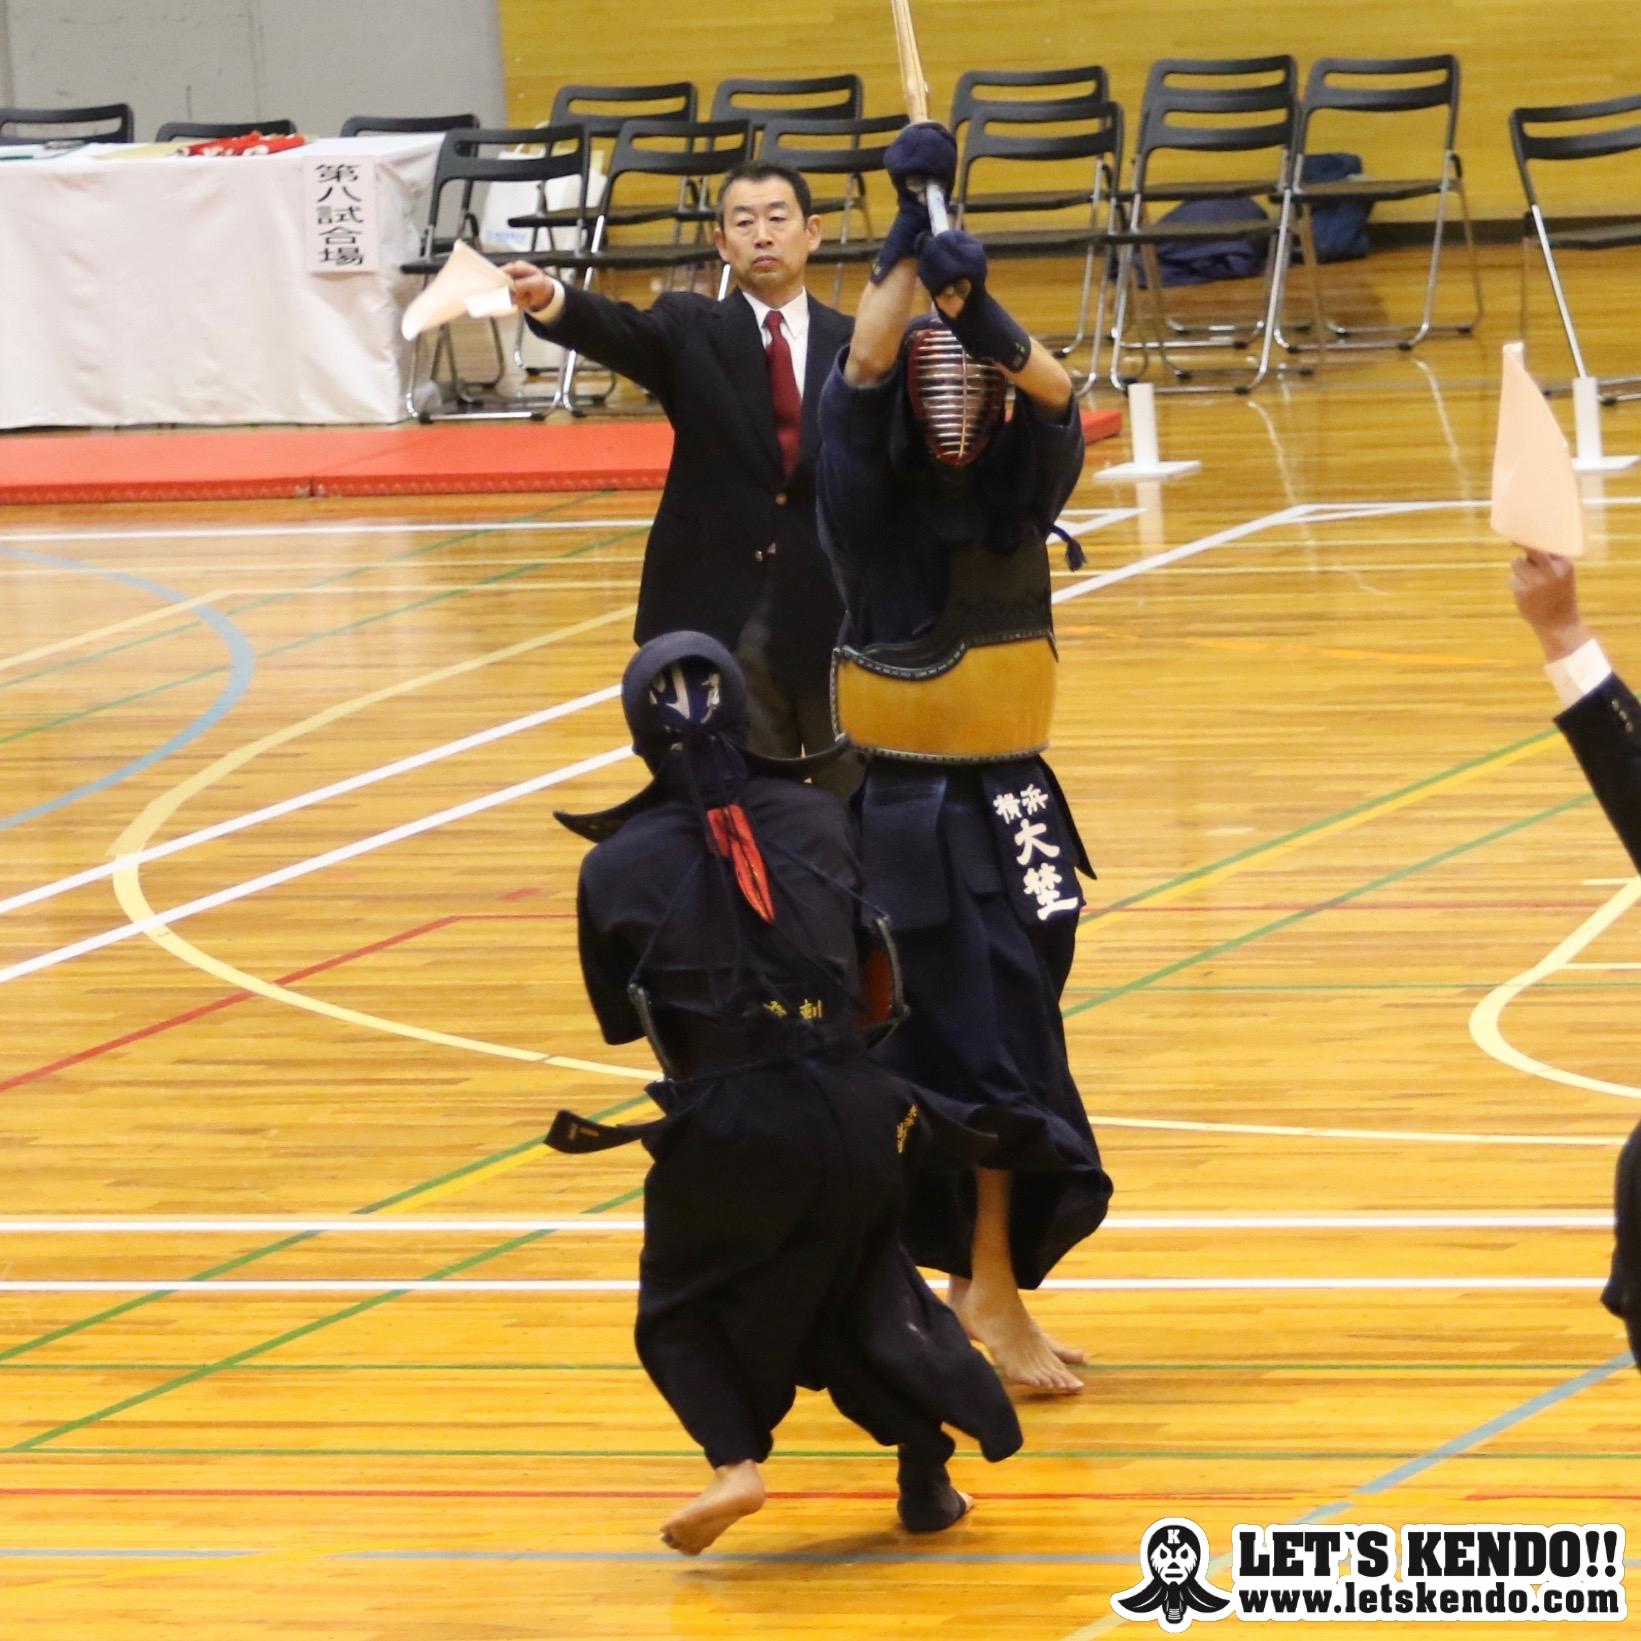 【速報&生配信】2/3 水田三喜男旗争奪選抜高等学校剣道大会